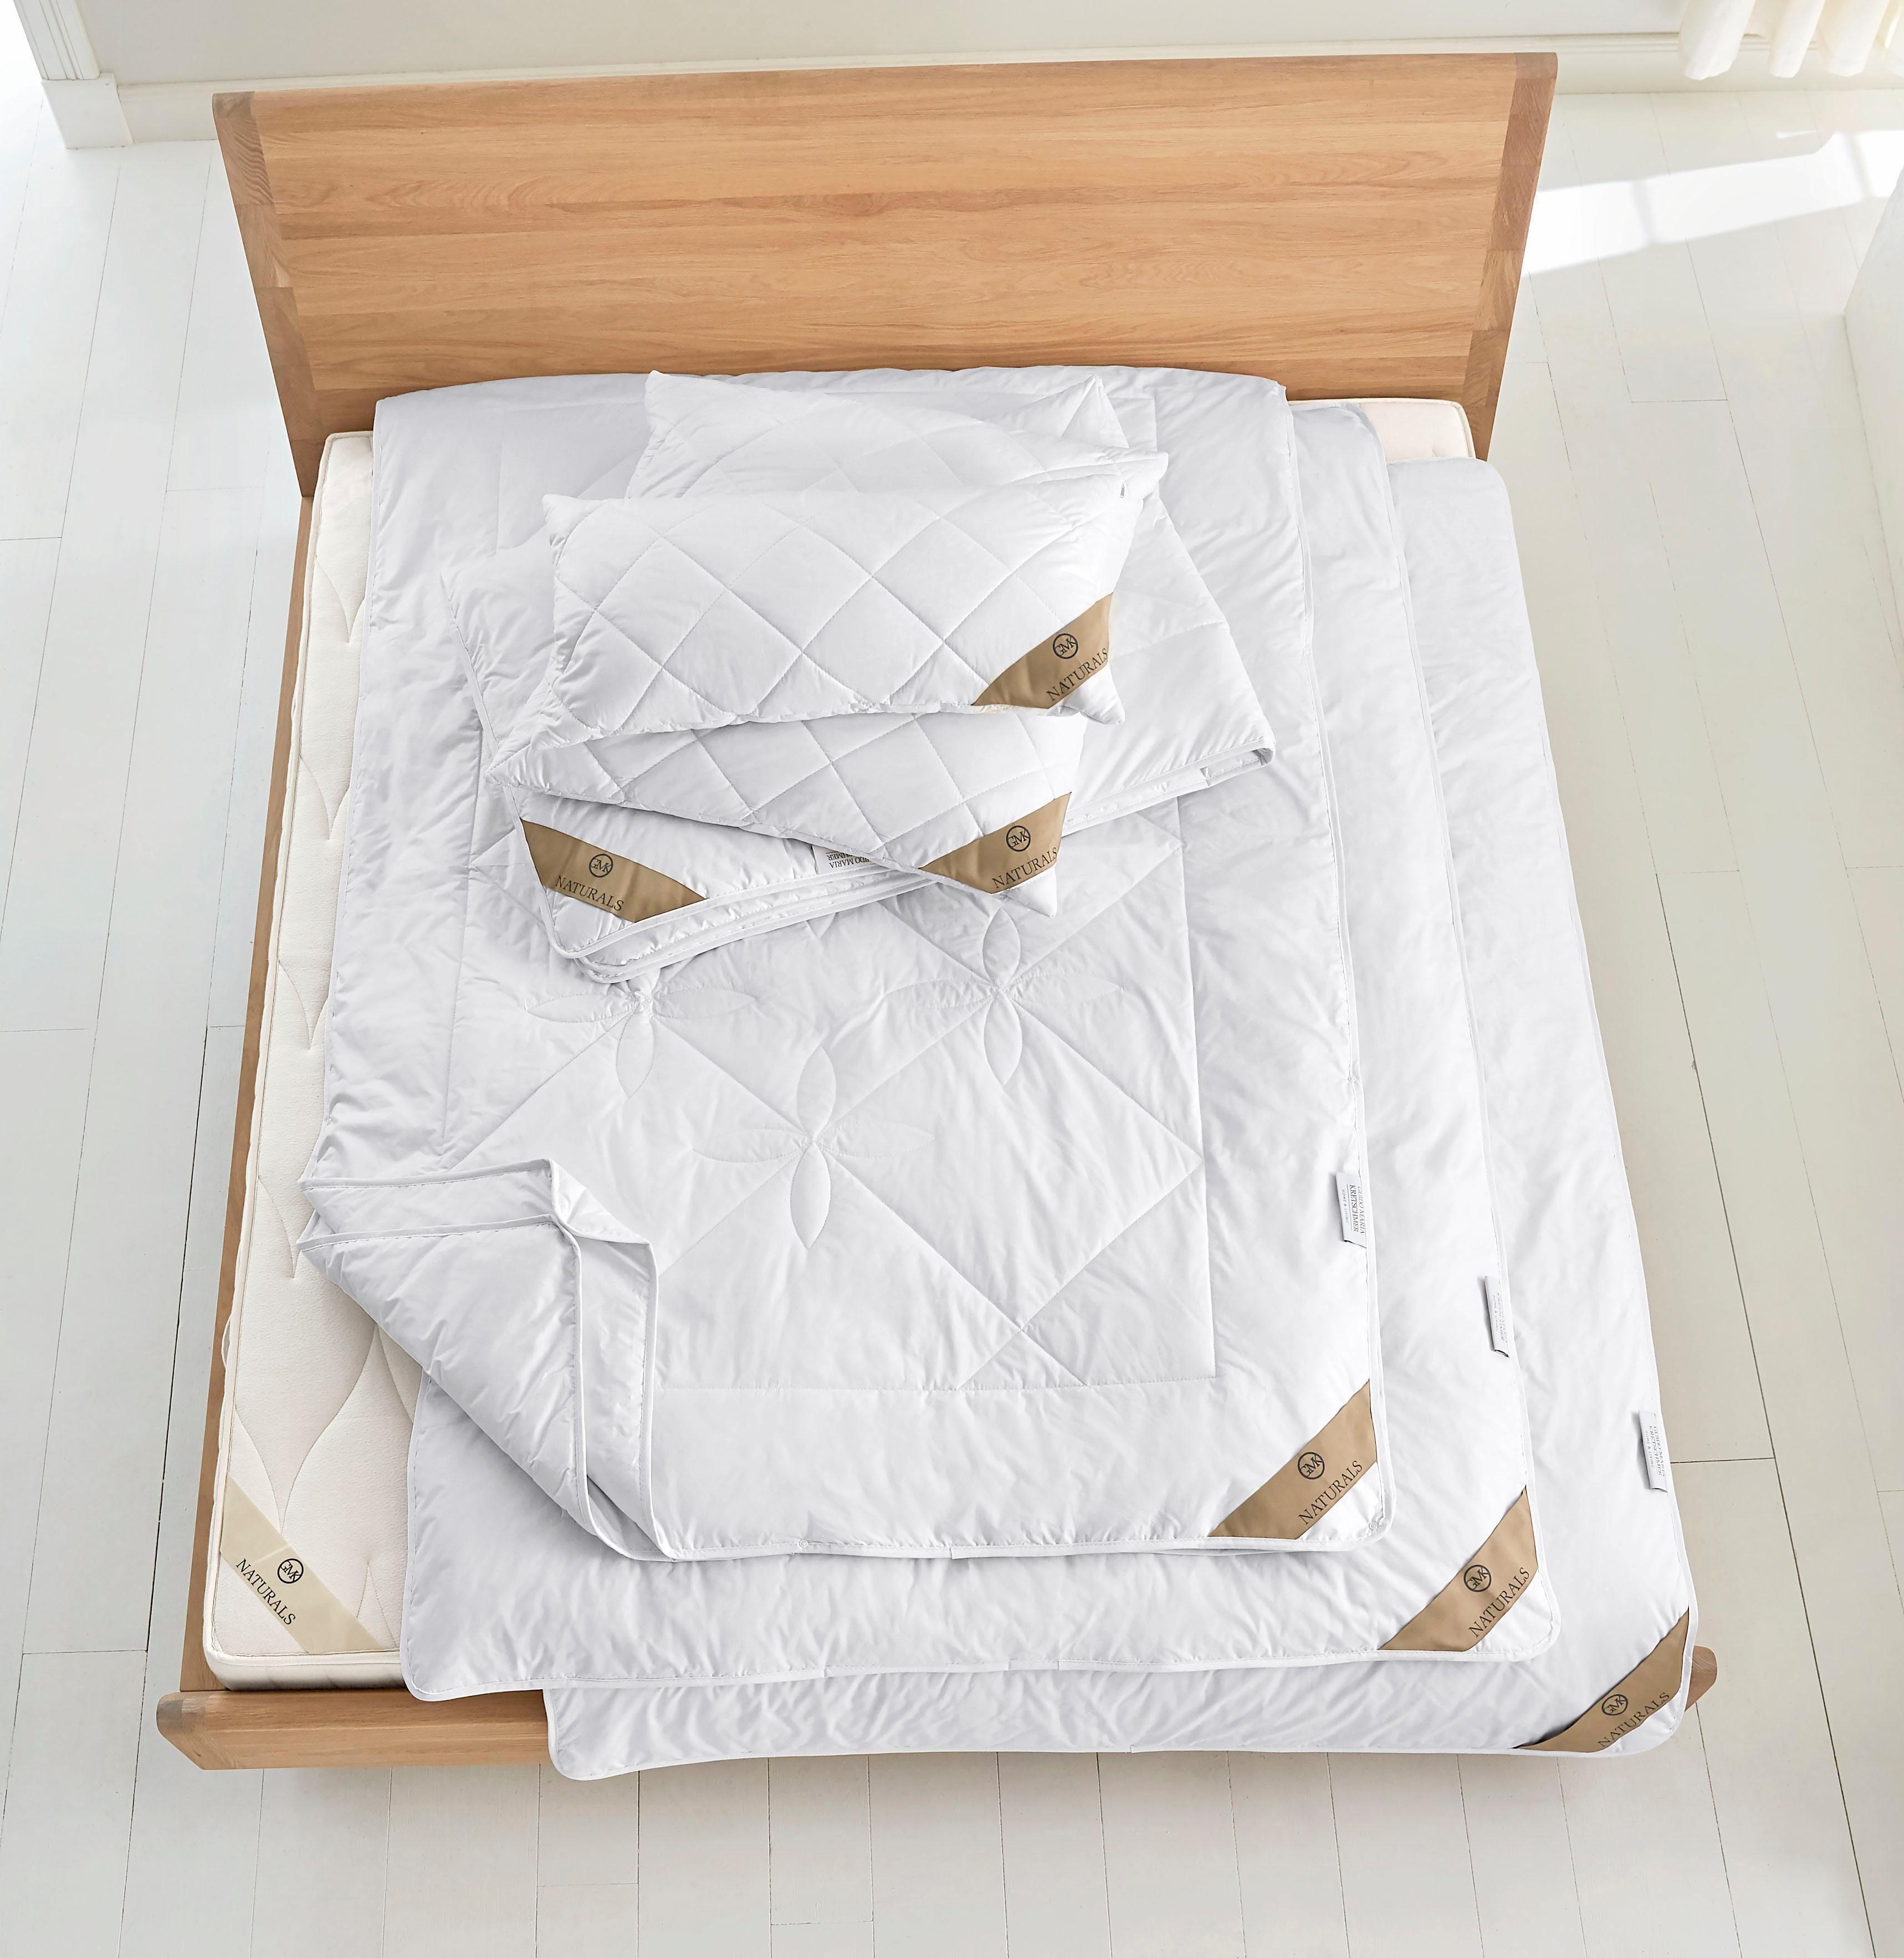 Bettdeckenset, »GMK Schurwolle«, GMK Home & Living, Schurwolle, Normal - von Guido Maria Kretschmer empfohlen, natürliches Bettklima